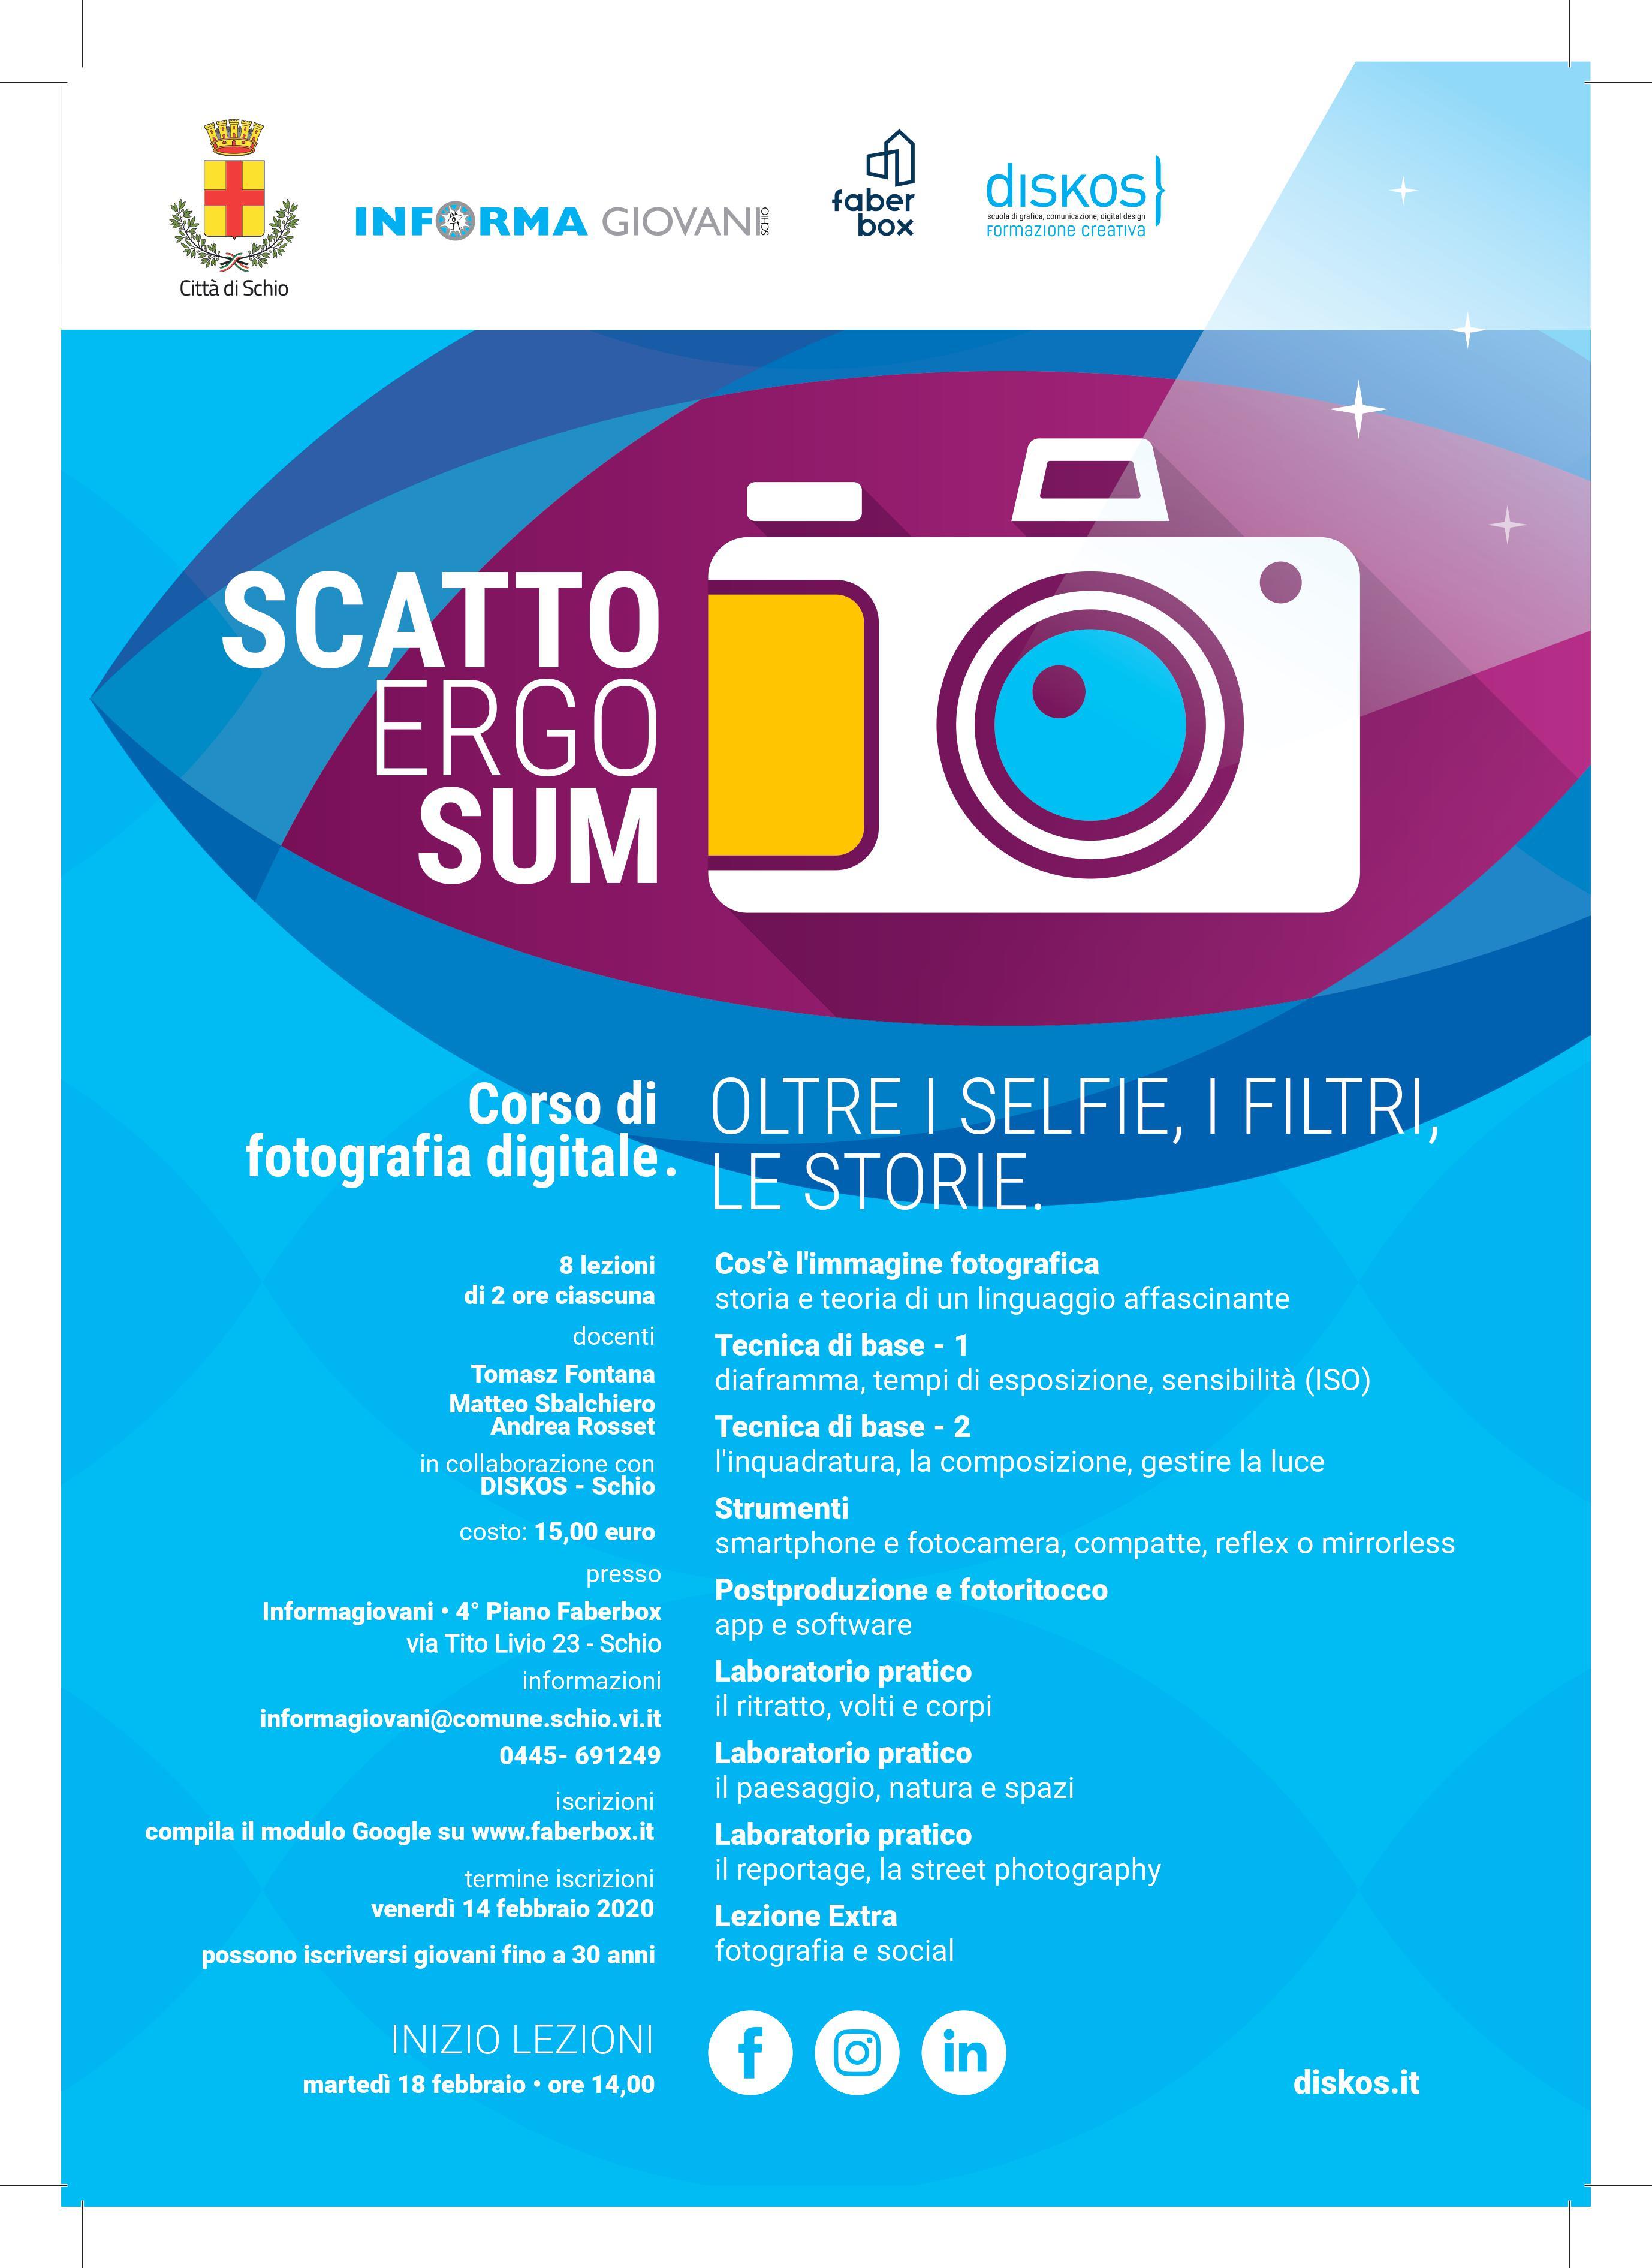 Scatto Ergo Sum – Corso di fotografia digitale